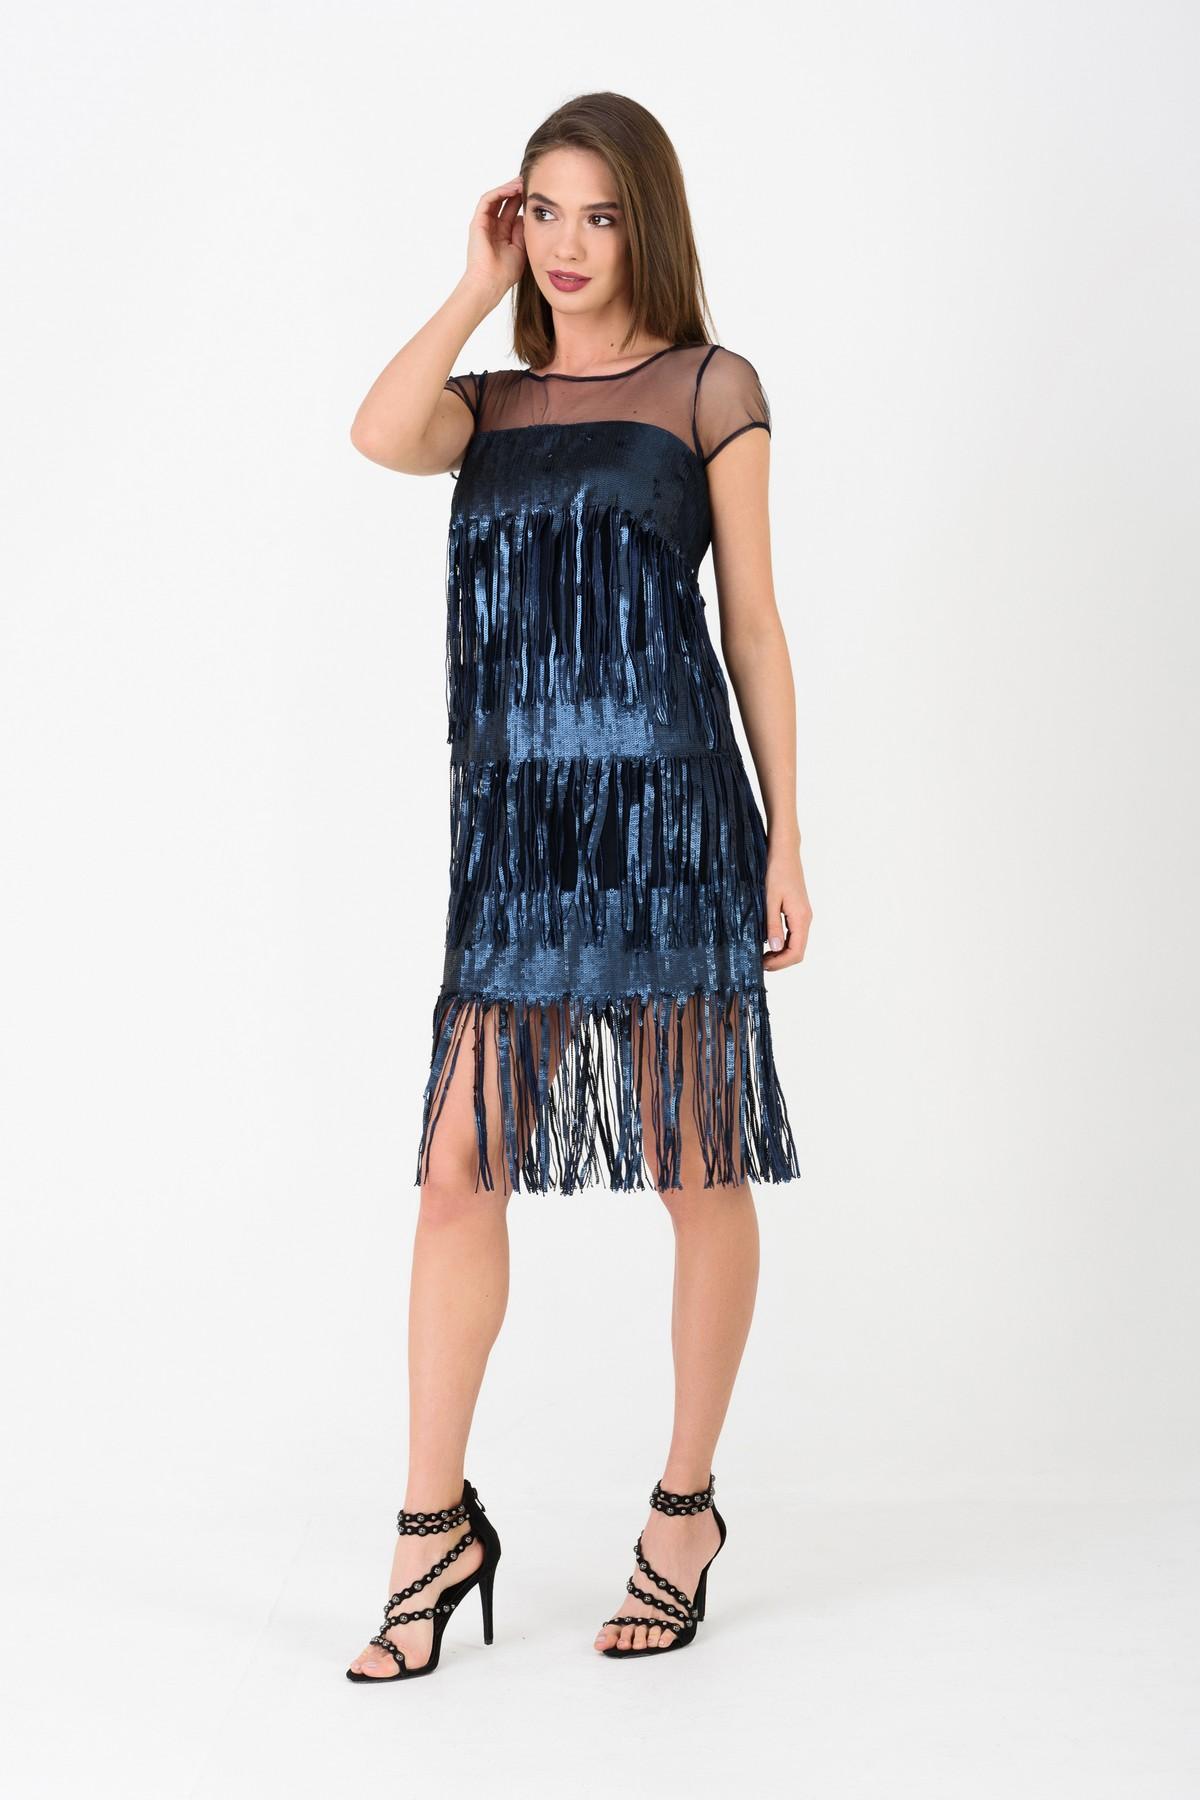 купить платье с пайетками в магазине